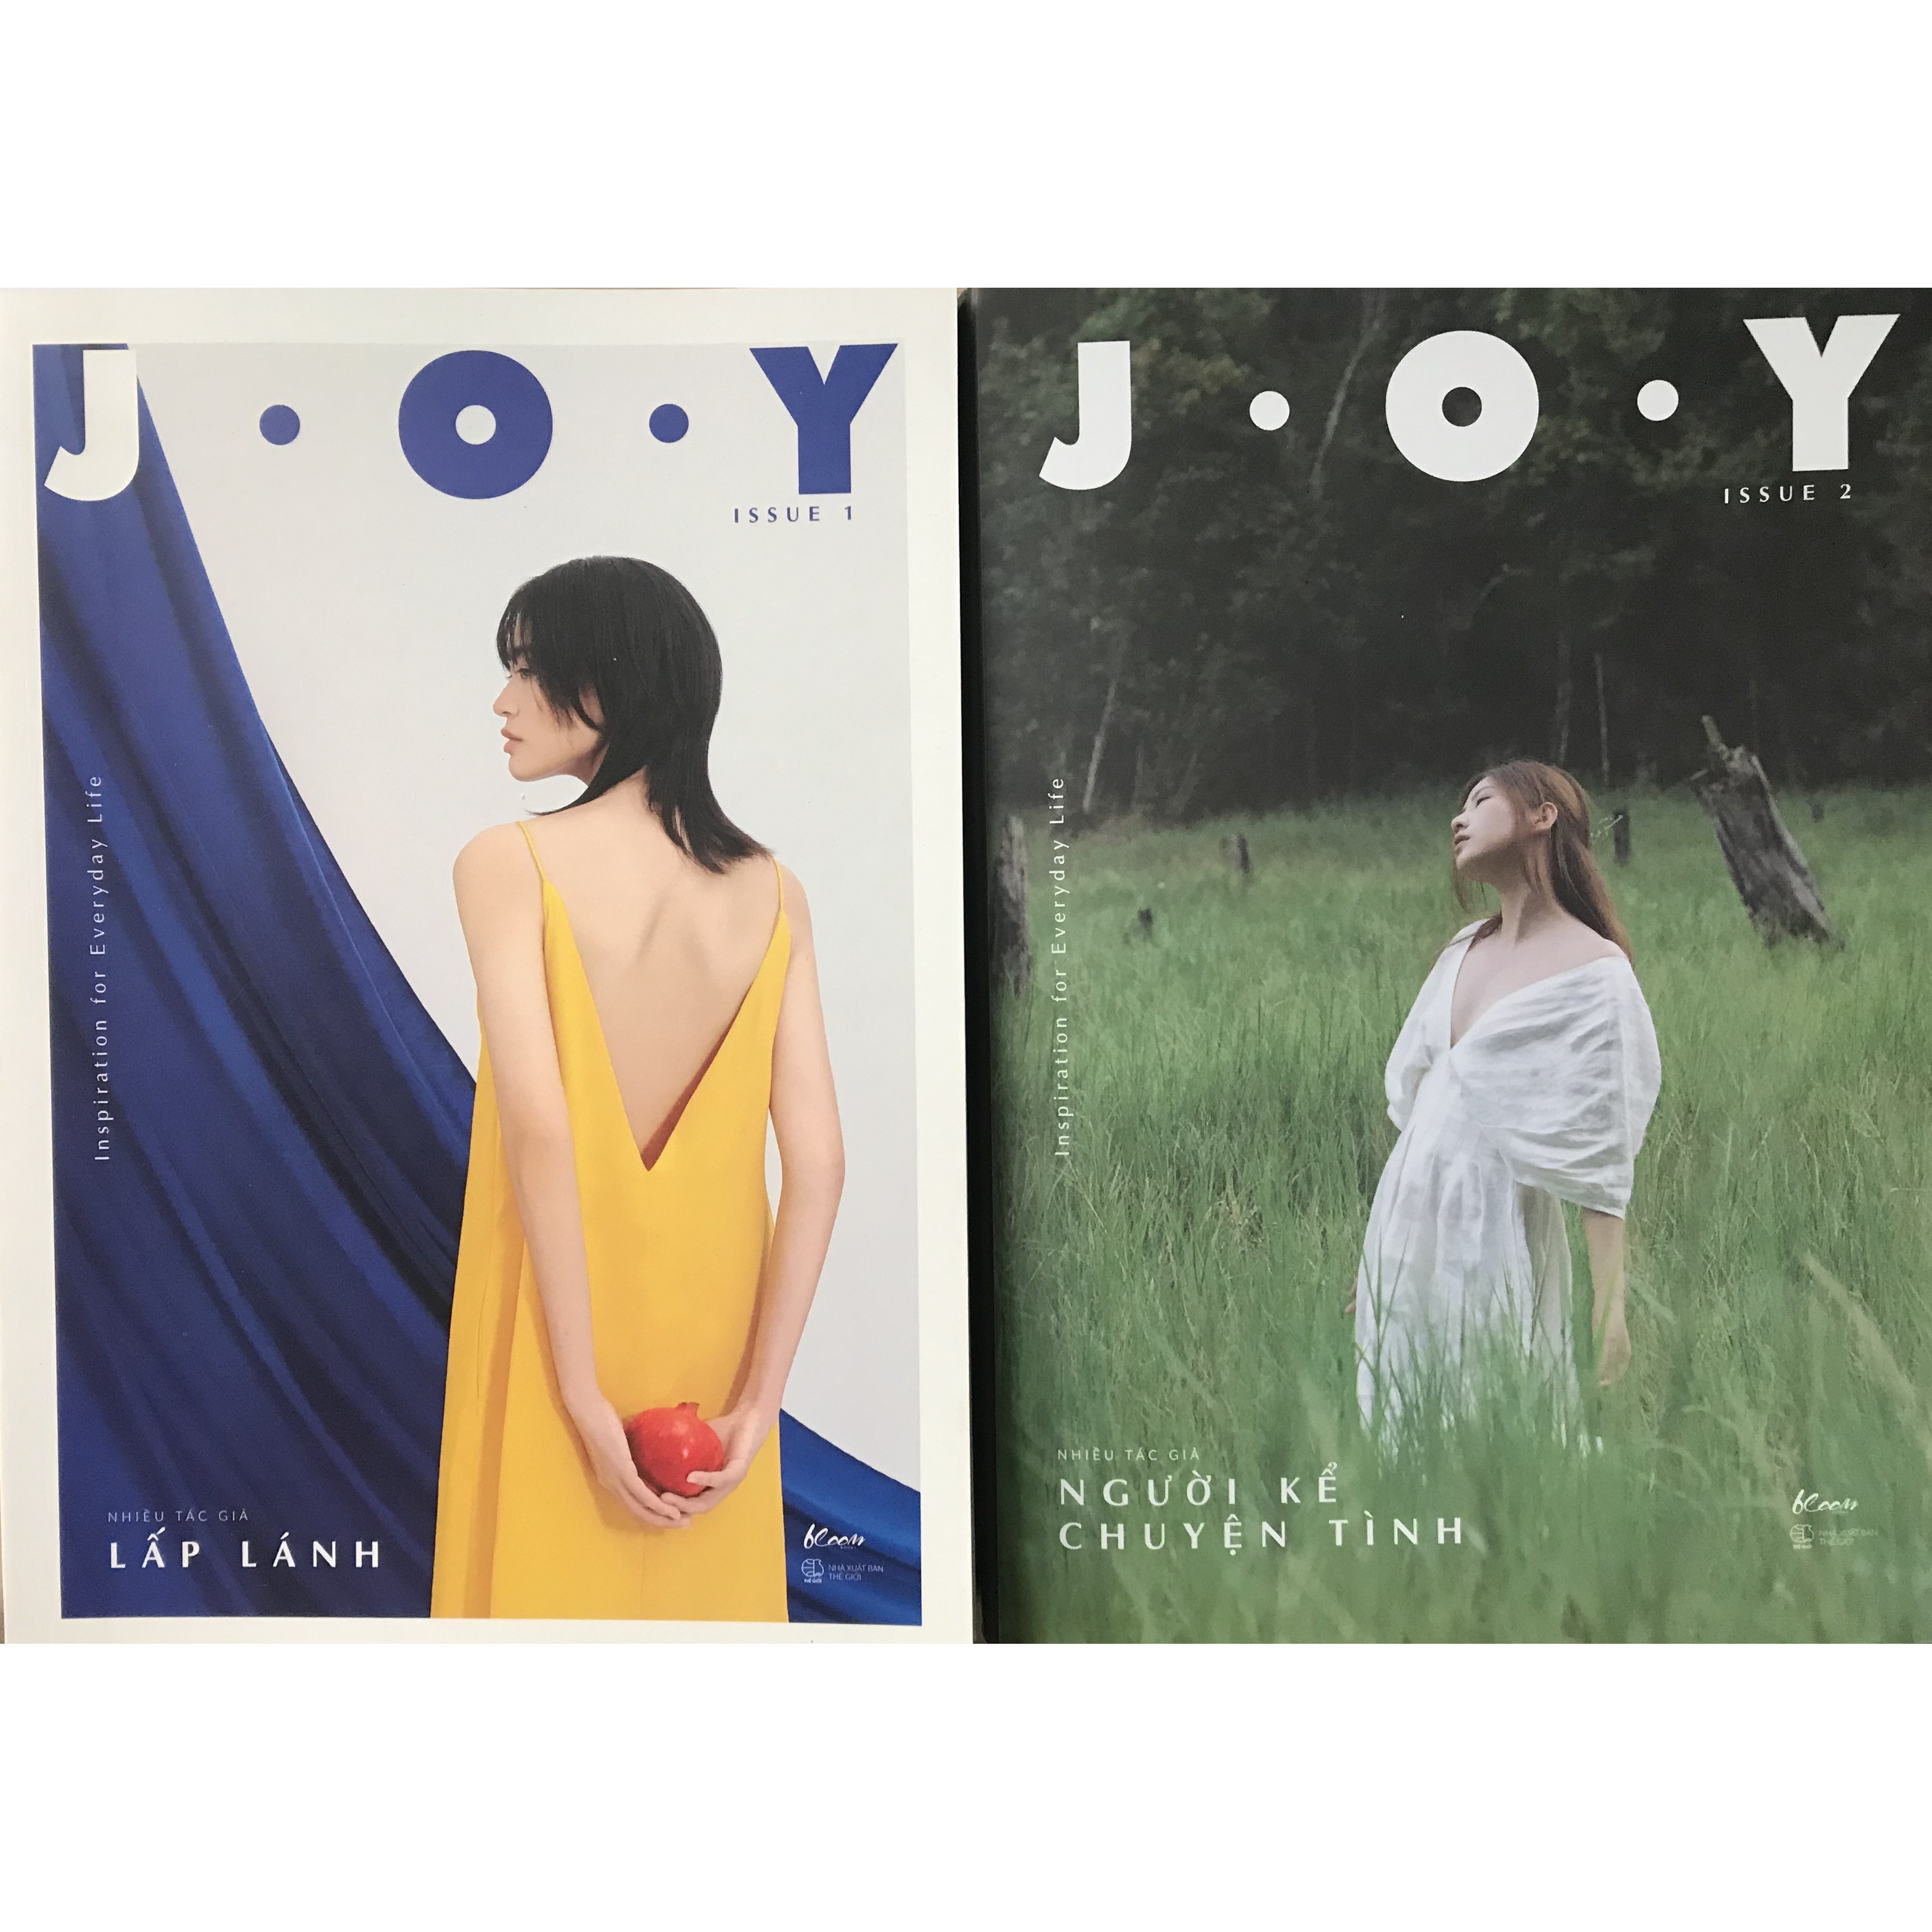 Combo Bộ 02 Cuốn J.O.Y – Issue - Lấp lánh - Người Kể Chuyện Tình